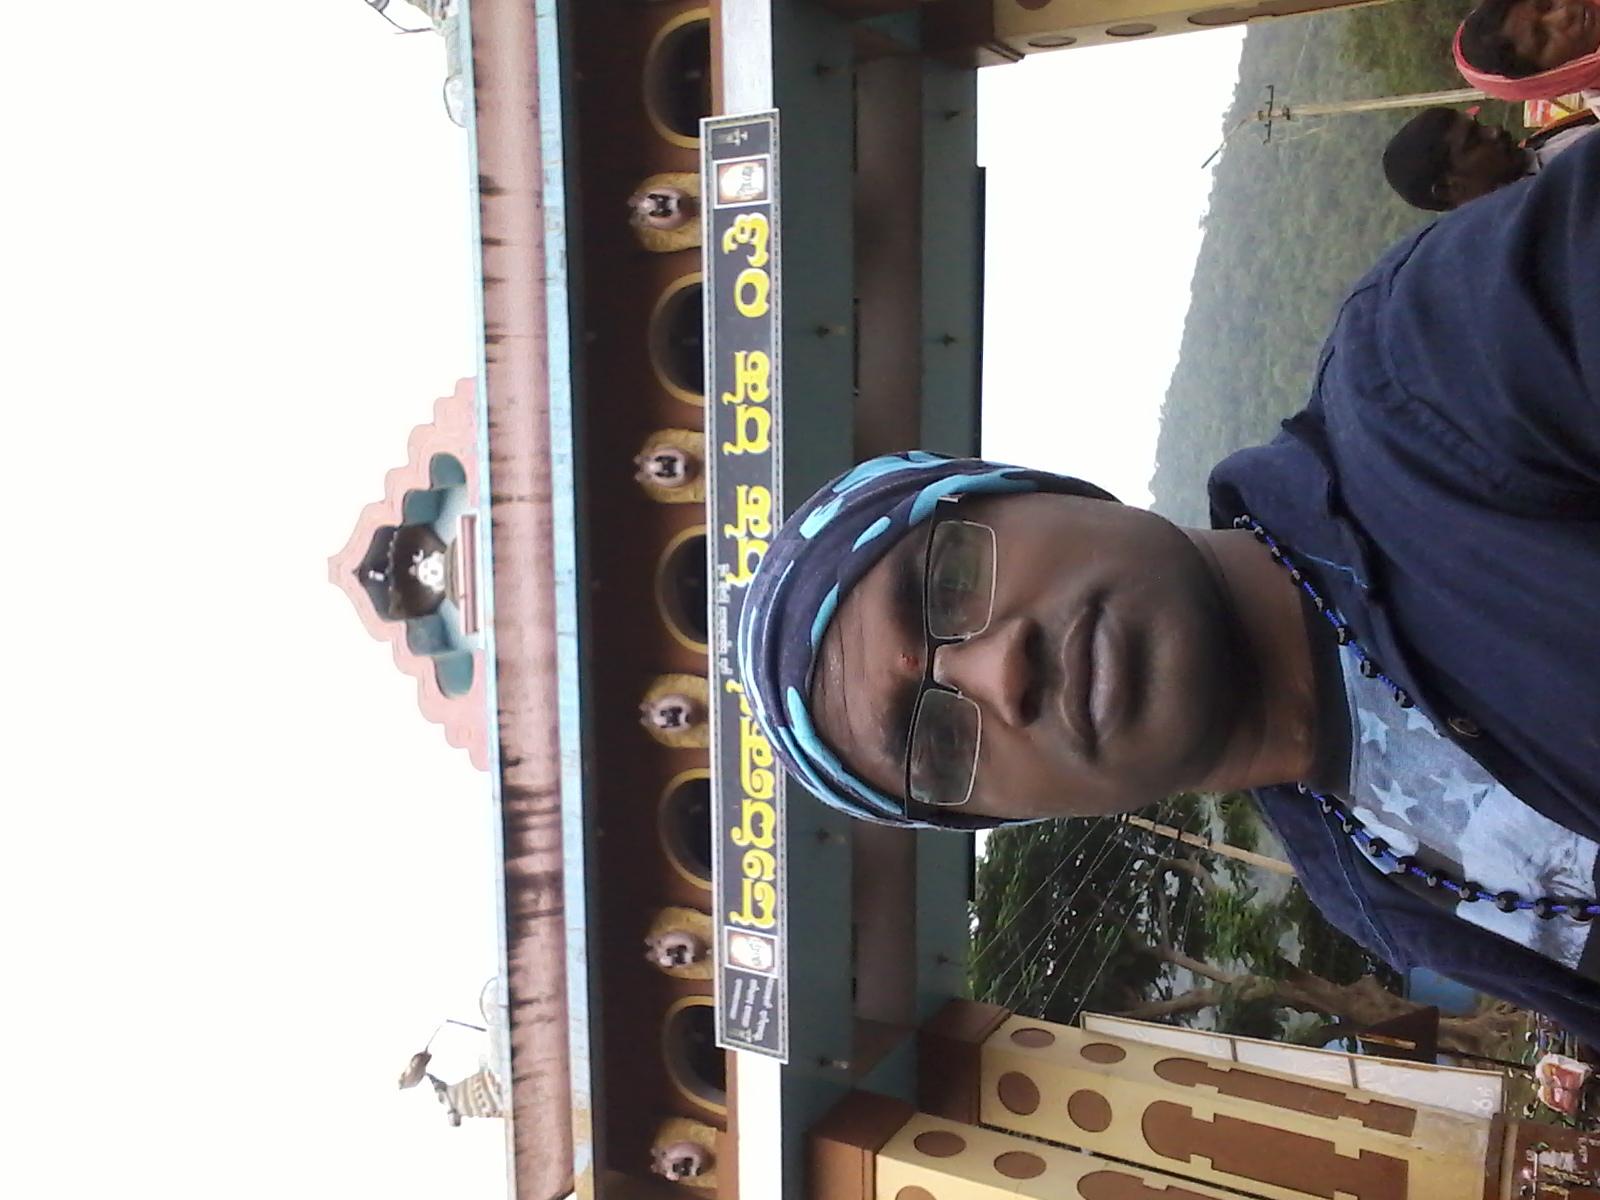 ಭಾರತ ಟೀಮ್ ವರ್ಡ್ ಕಪ್ ಸೆಲೆಕ್ಷನ್ - * Aది ఒడ్ 0864 - ShareChat